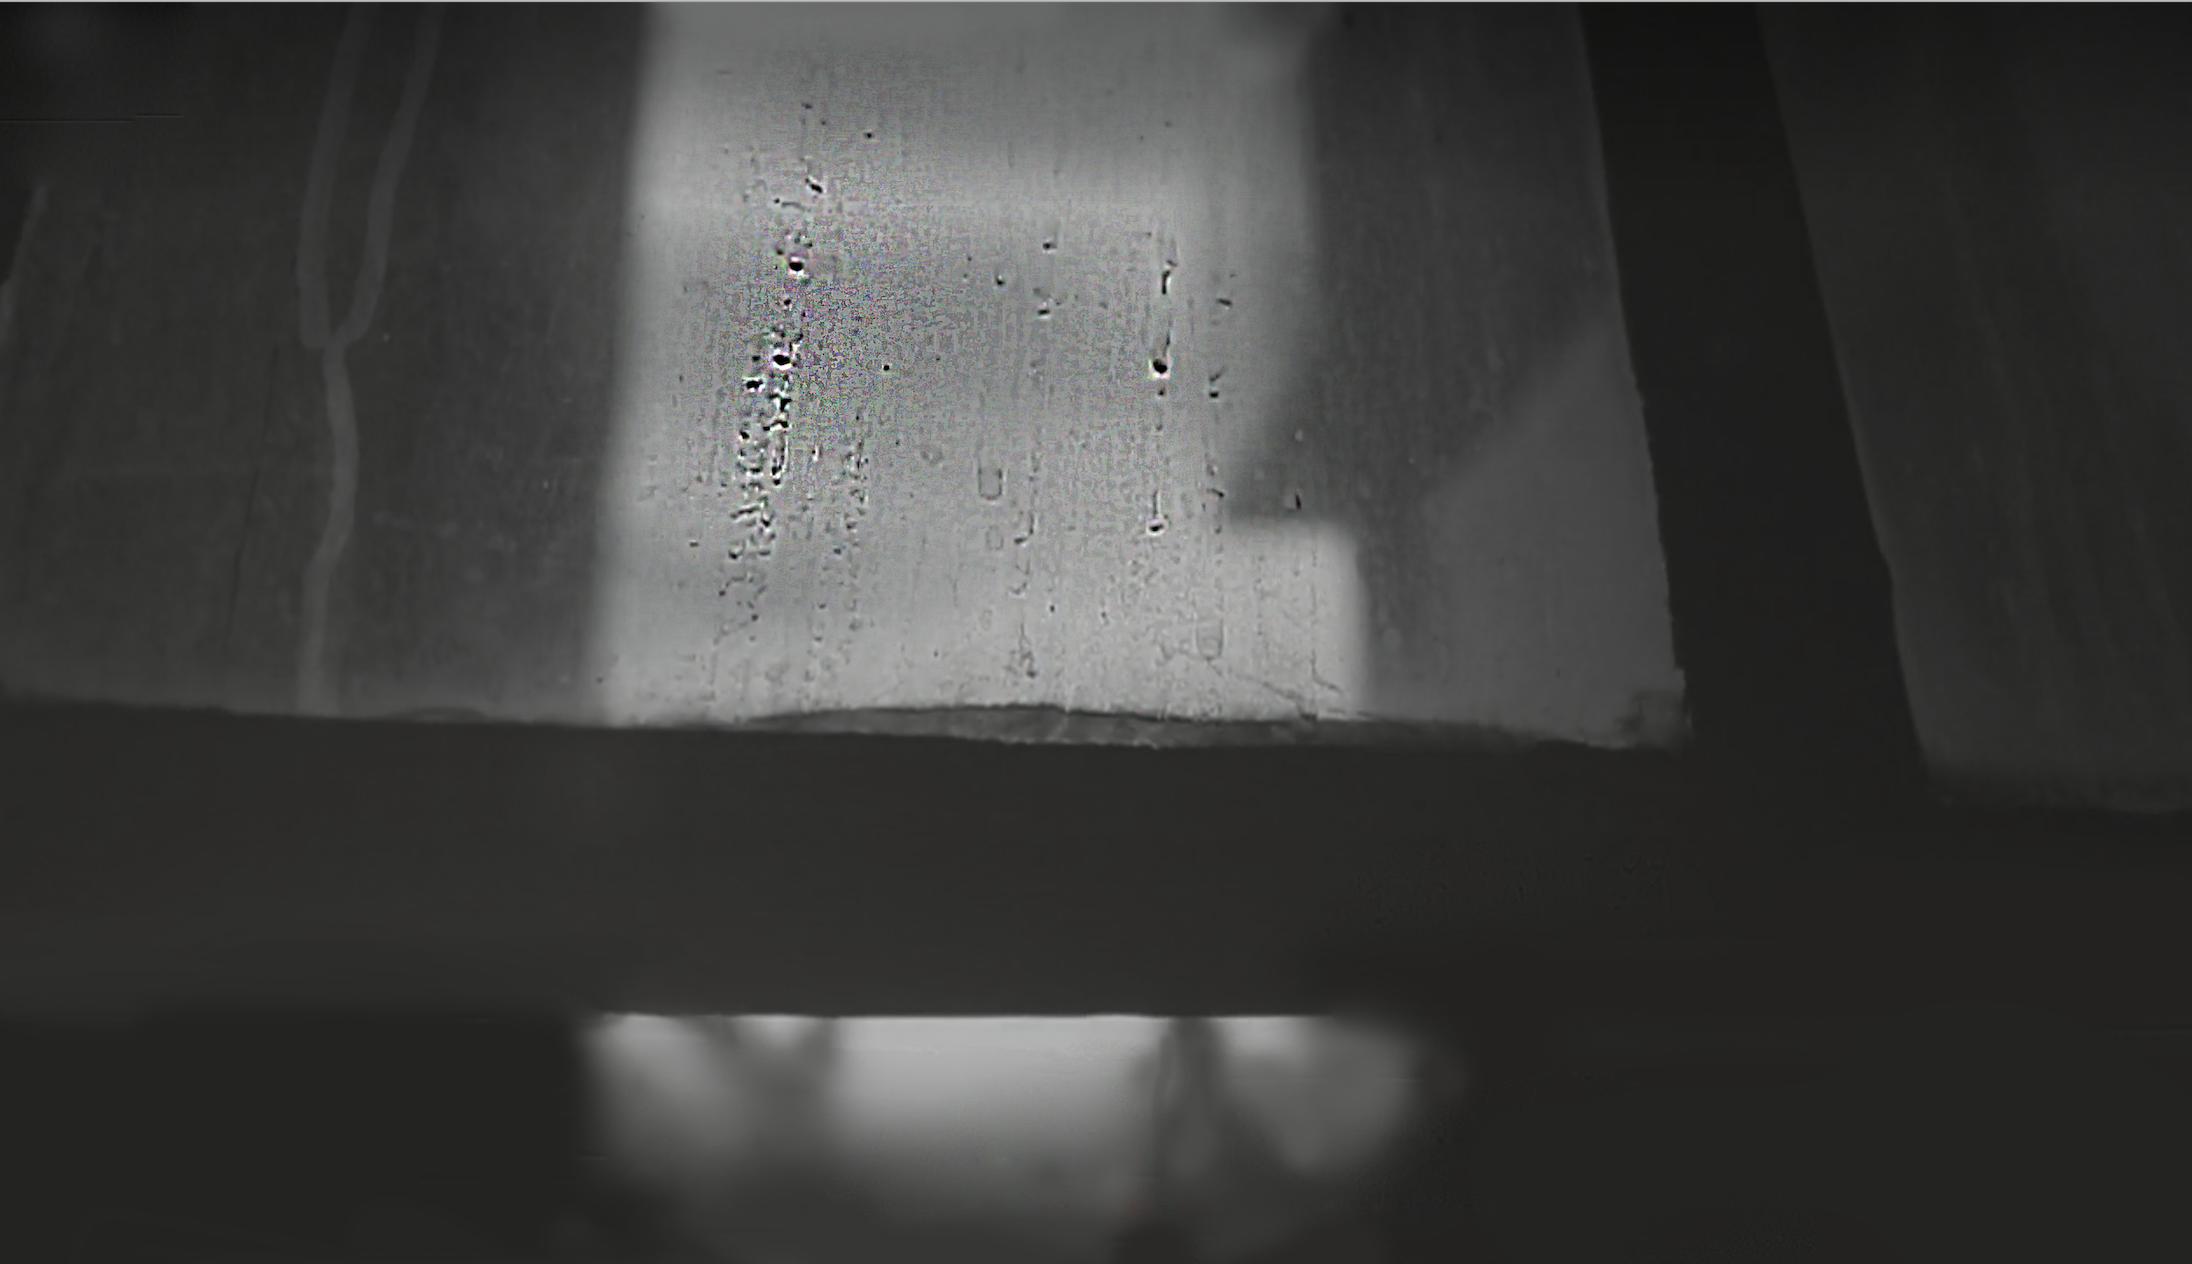 Screen Shot 2019-01-03 at 8.19.51 PM.png